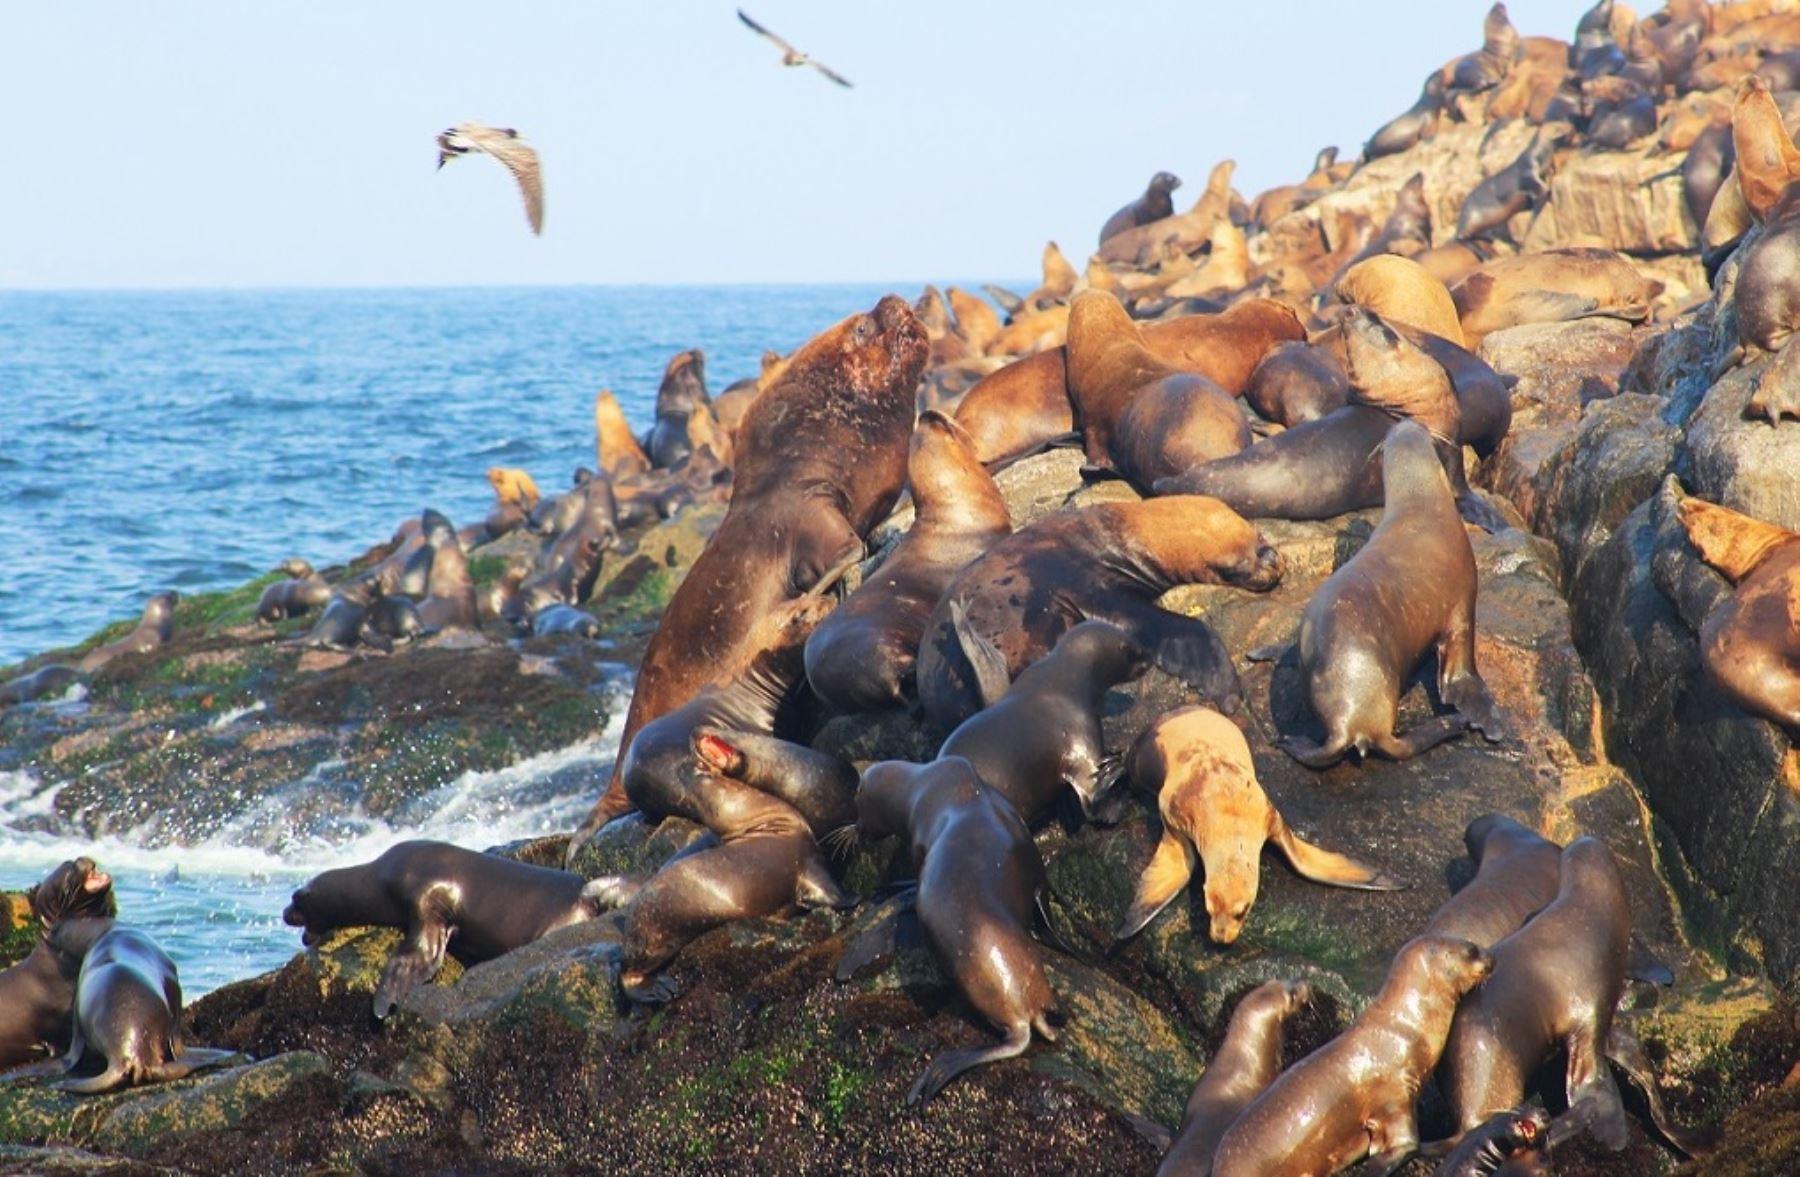 Lobos marinos y en las islas Ballestas, región Ica.